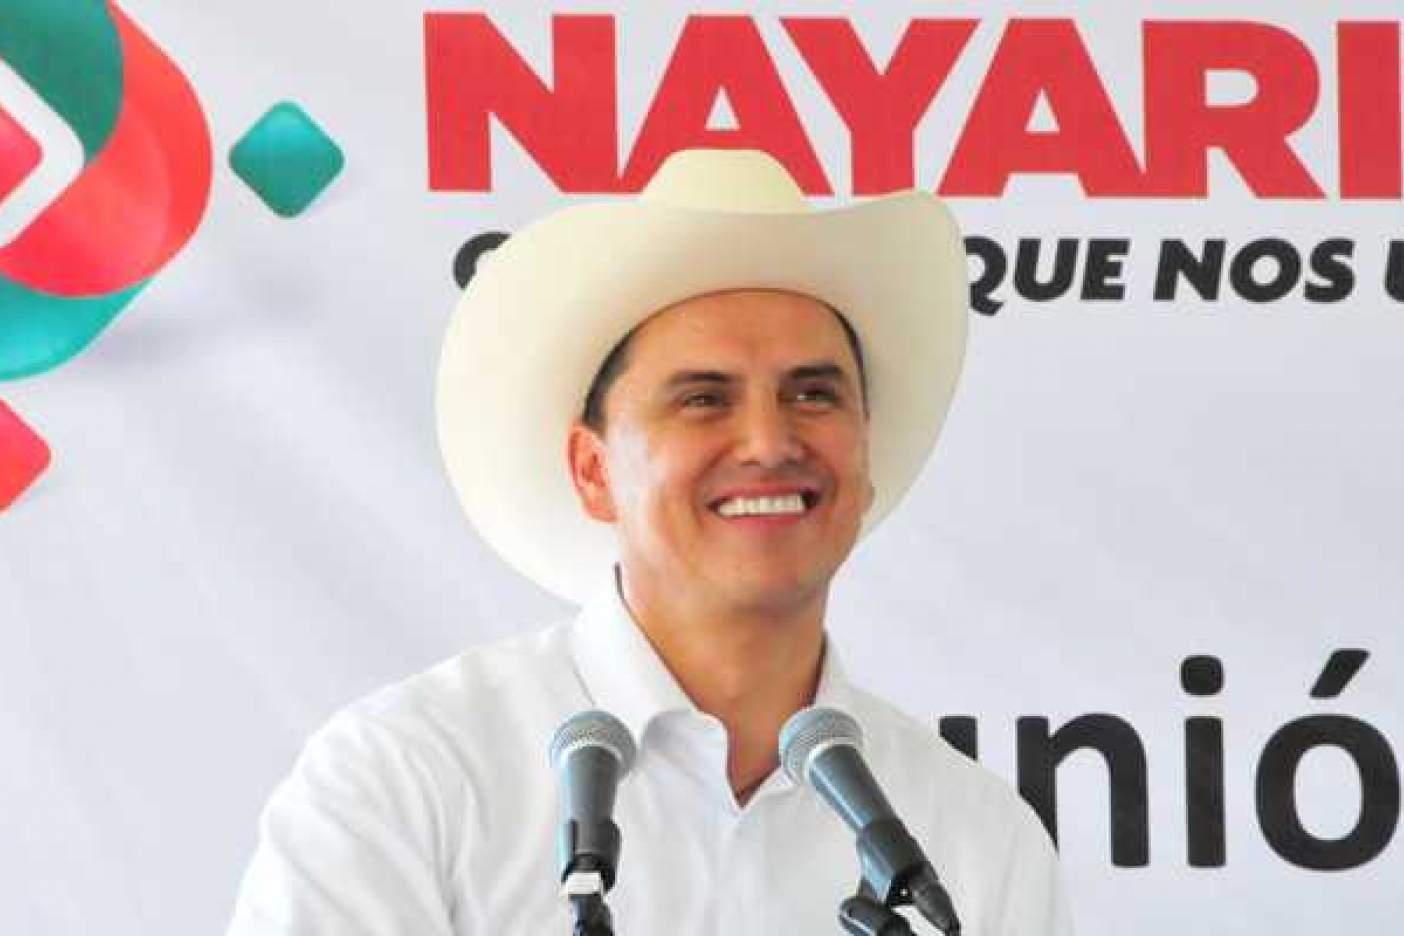 El Tesoro de Estados Unidos señala al exgobernador Roberto Sandoval por corrupción y narcotráfico